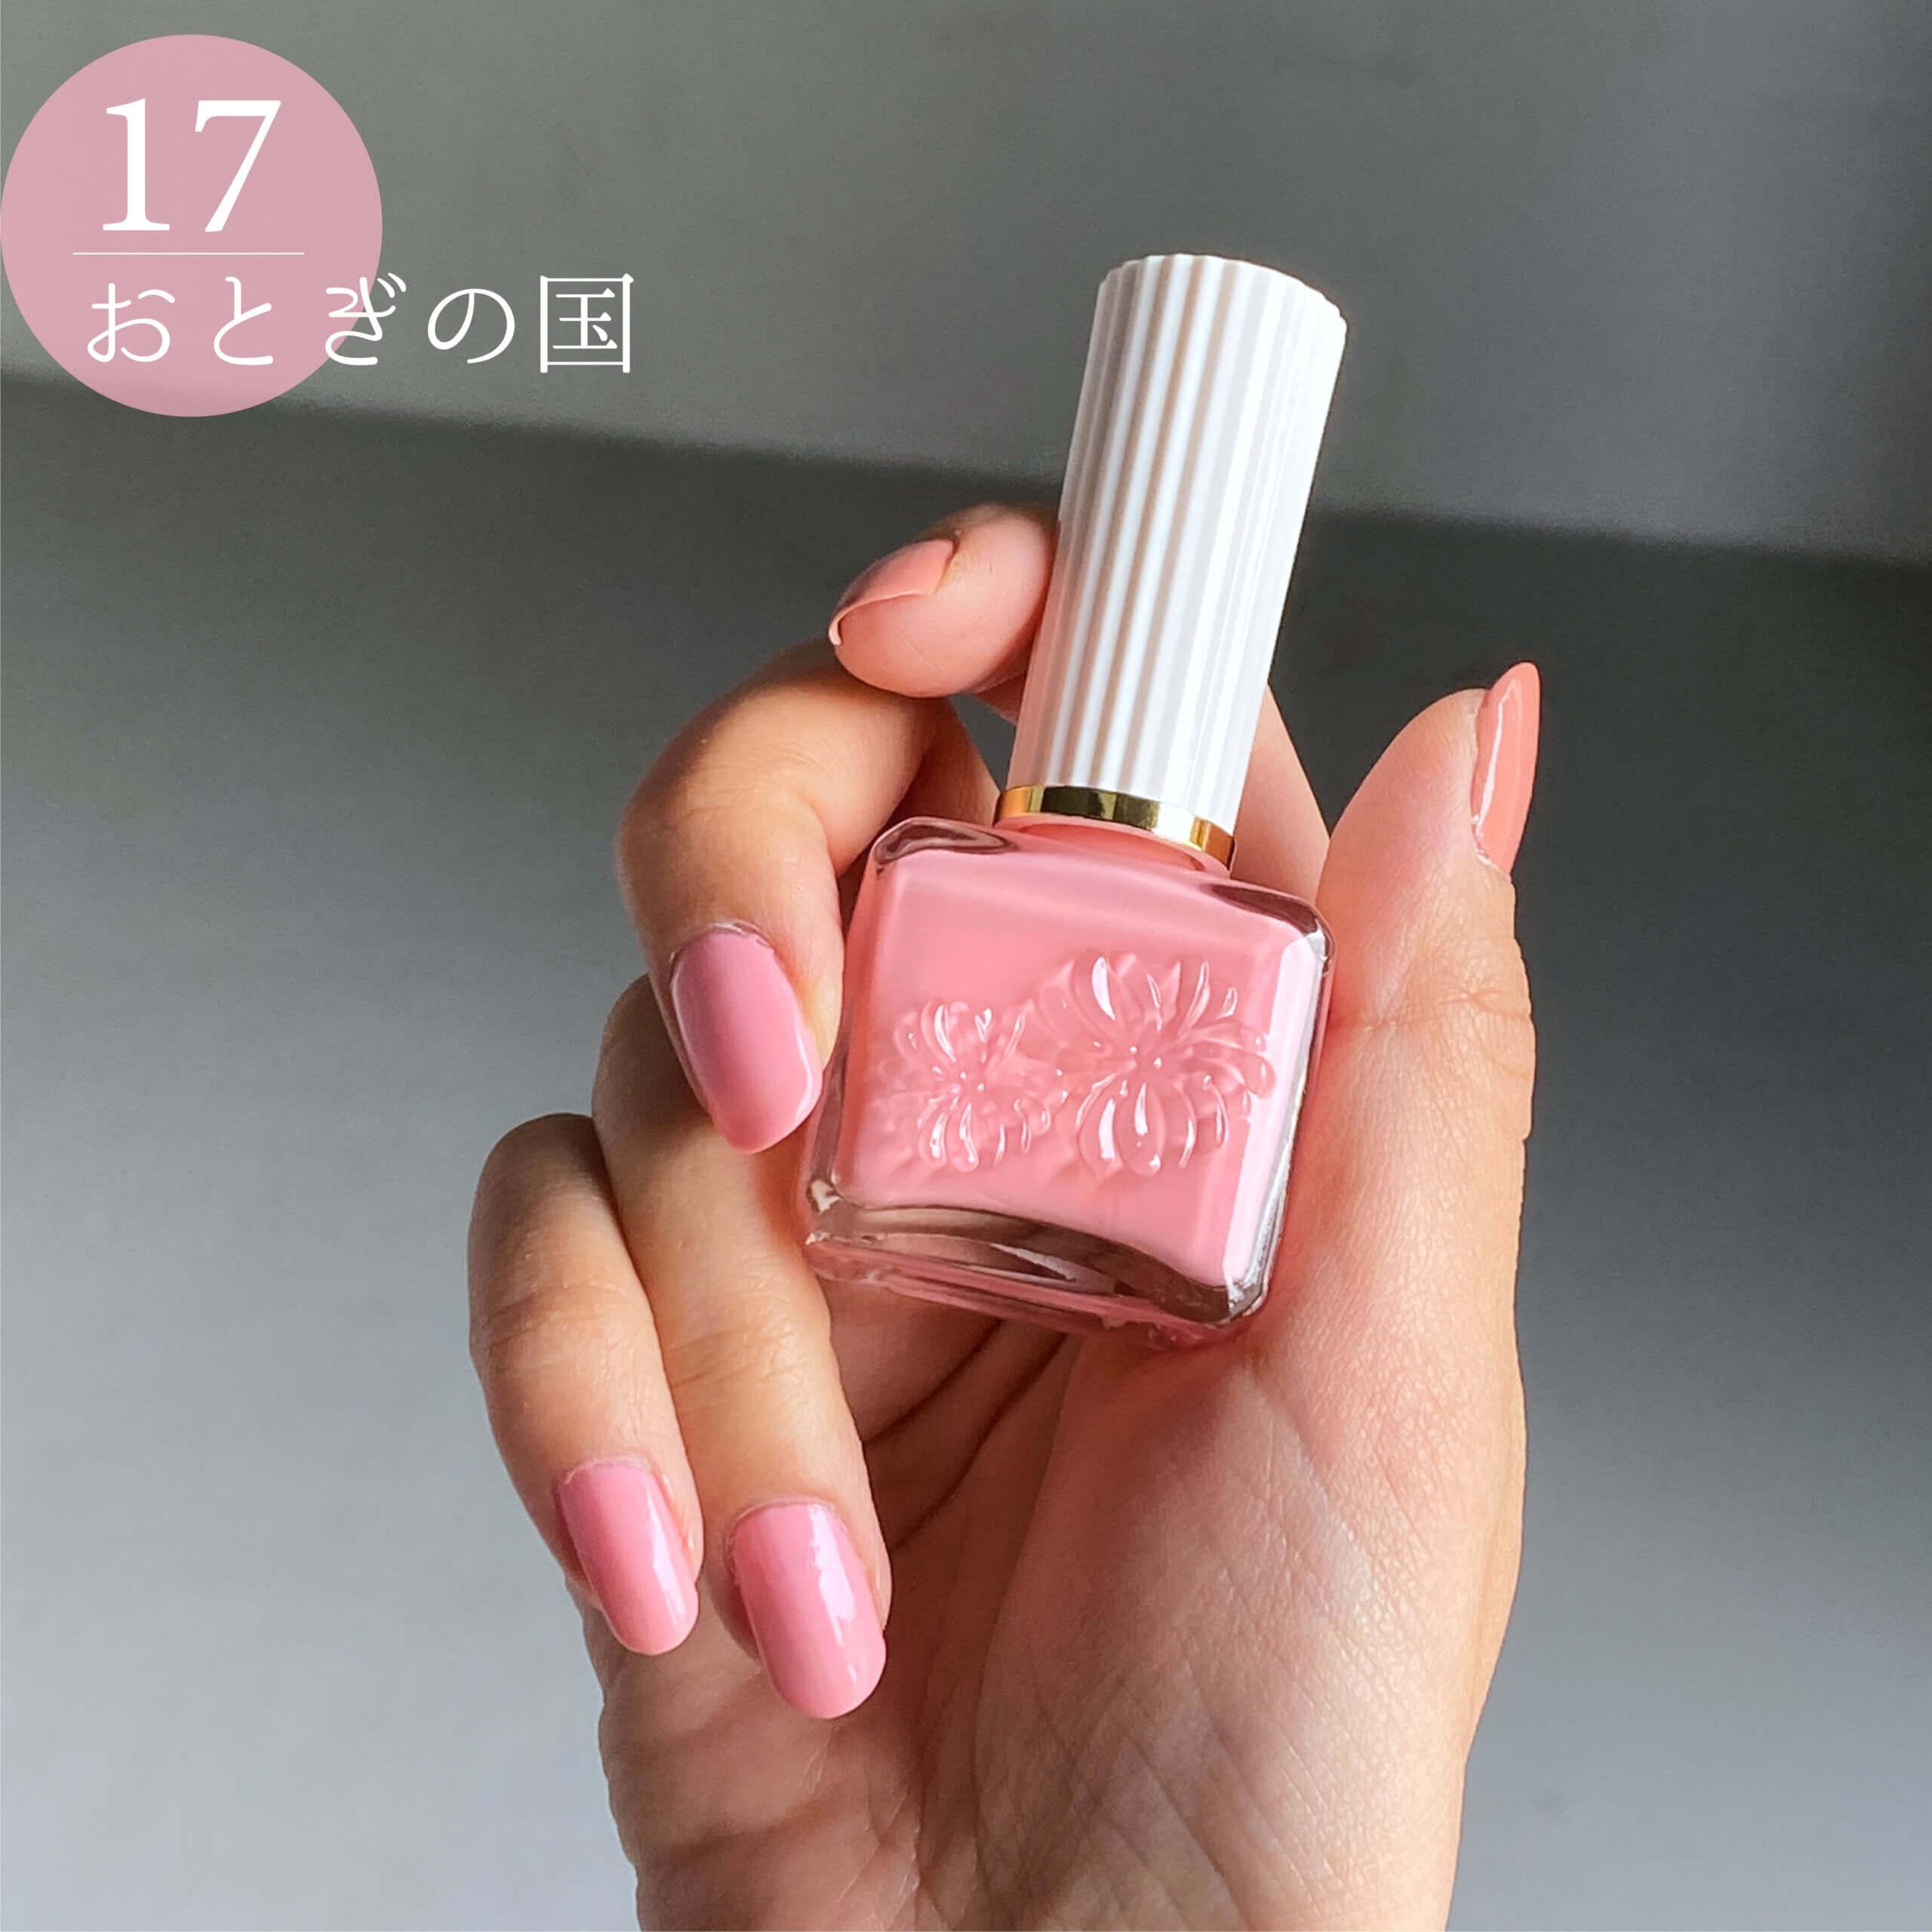 【17 おとぎの国】は、見ると元気が出るような澄んだ色味が魅力的な、フレッシュなピンク。色浮きせず若々しい手元に見えるのでおすすめ! こちらは明るいカラーなので、二度塗り。